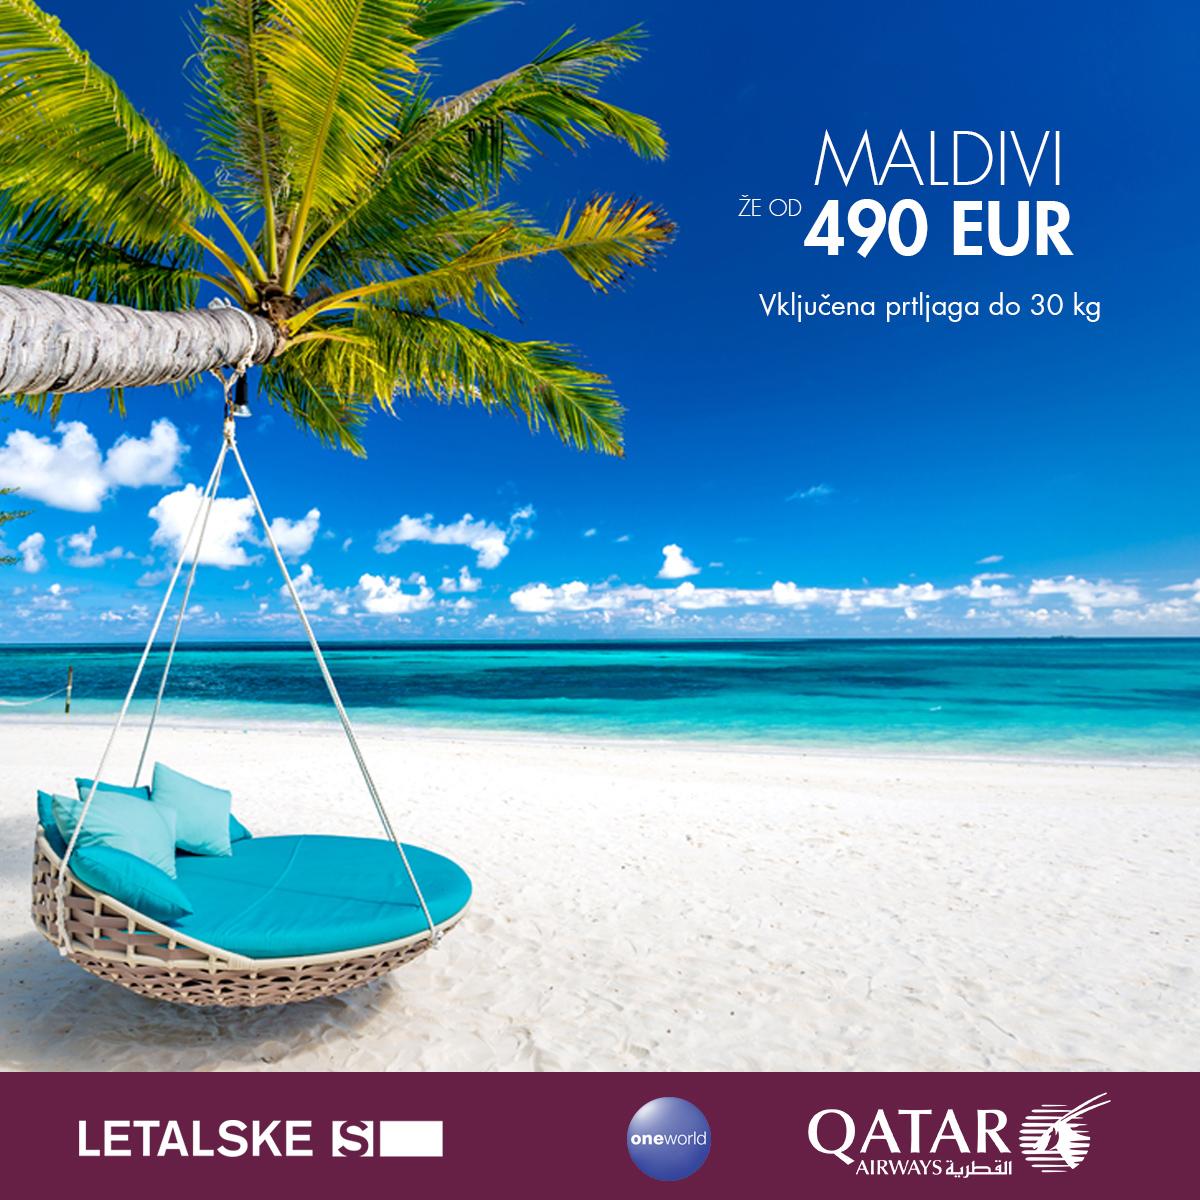 Maldivi vizual, Maldivi već od 3685 kuna, Maldivi jeftine avio karte, putovanje za Maldive